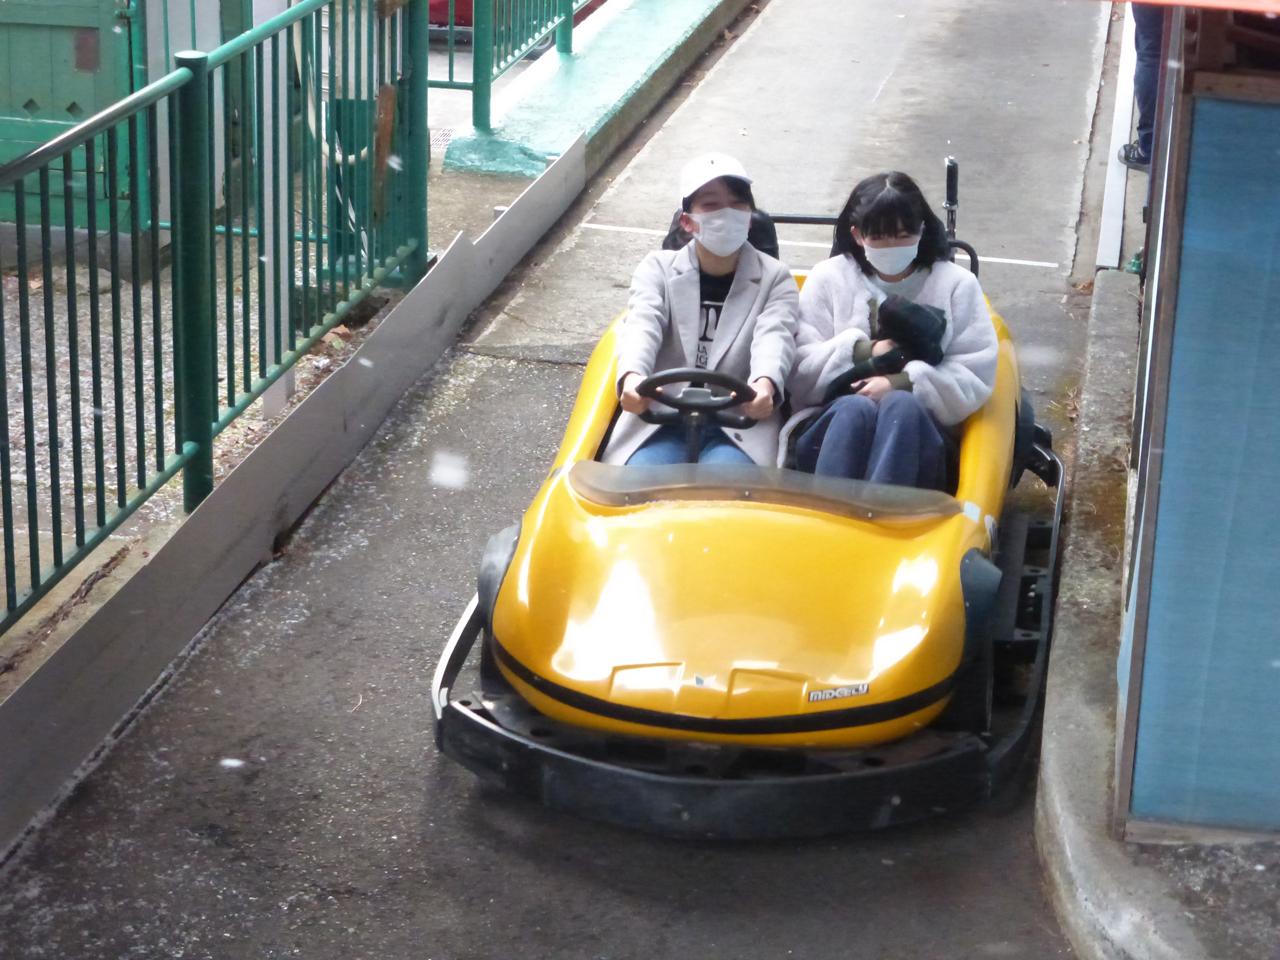 ゴーカートも楽しみました。こちらは上田が運転。安定感ある?(理子/きいな)